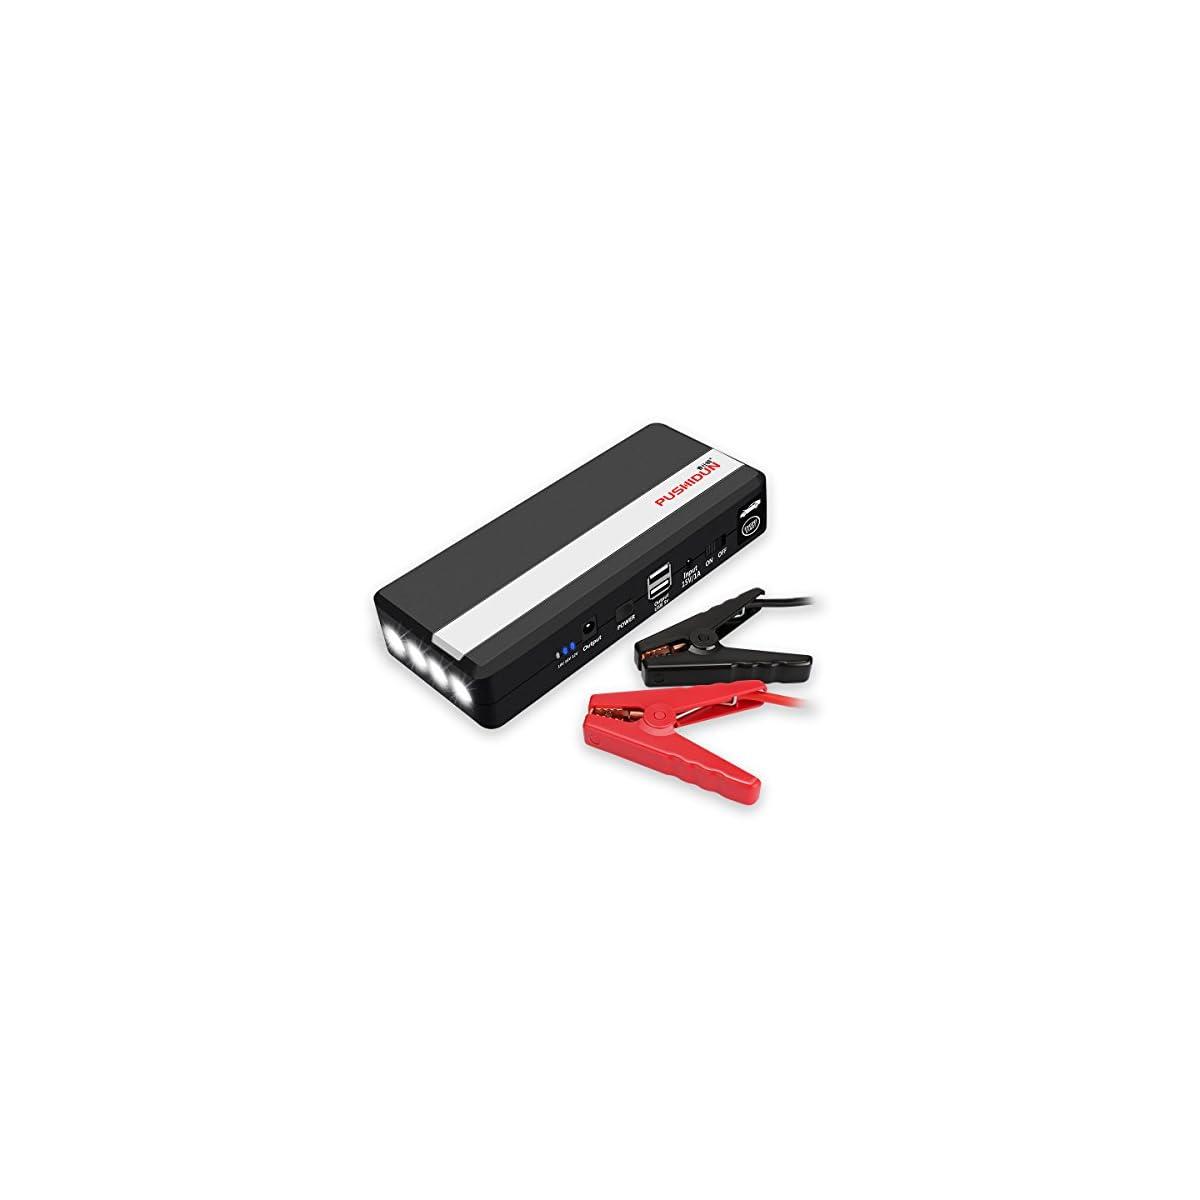 41 byfnGZDL. SS1200  - Arrancador de Coche 14000mAh 800A Jump Starter de con 2 USB y Cable Inteligente